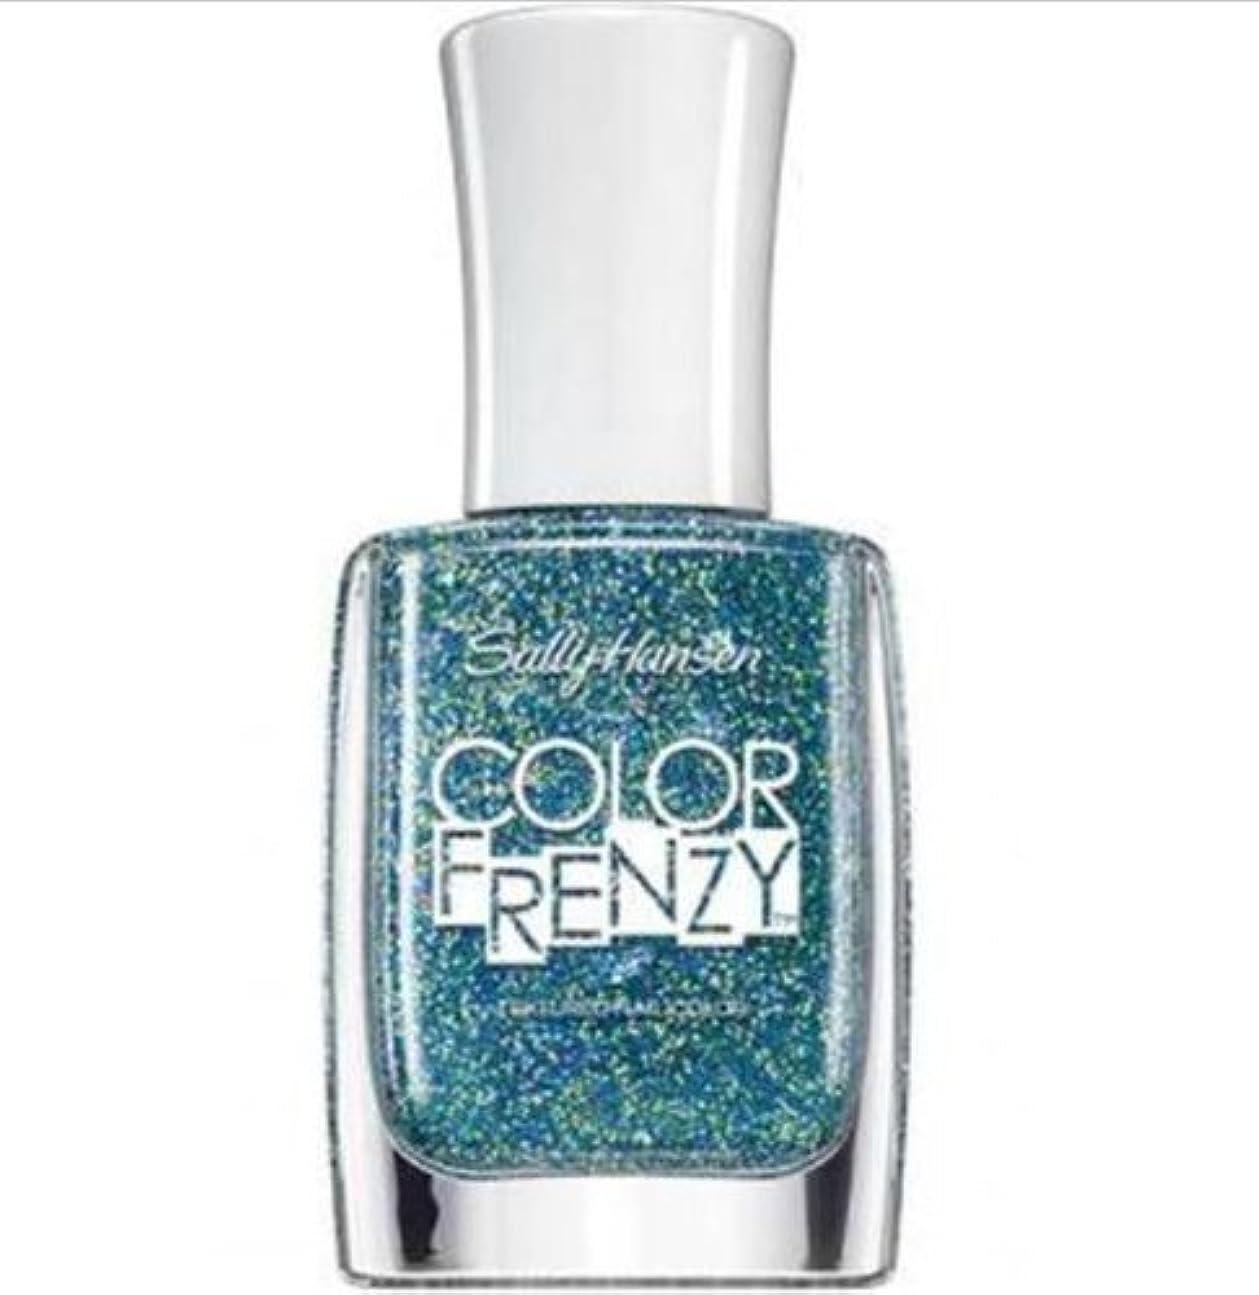 非難ベリ代わりにを立てるSALLY HANSEN Color Frenzy Textured Nail Color - Sea Salt (並行輸入品)